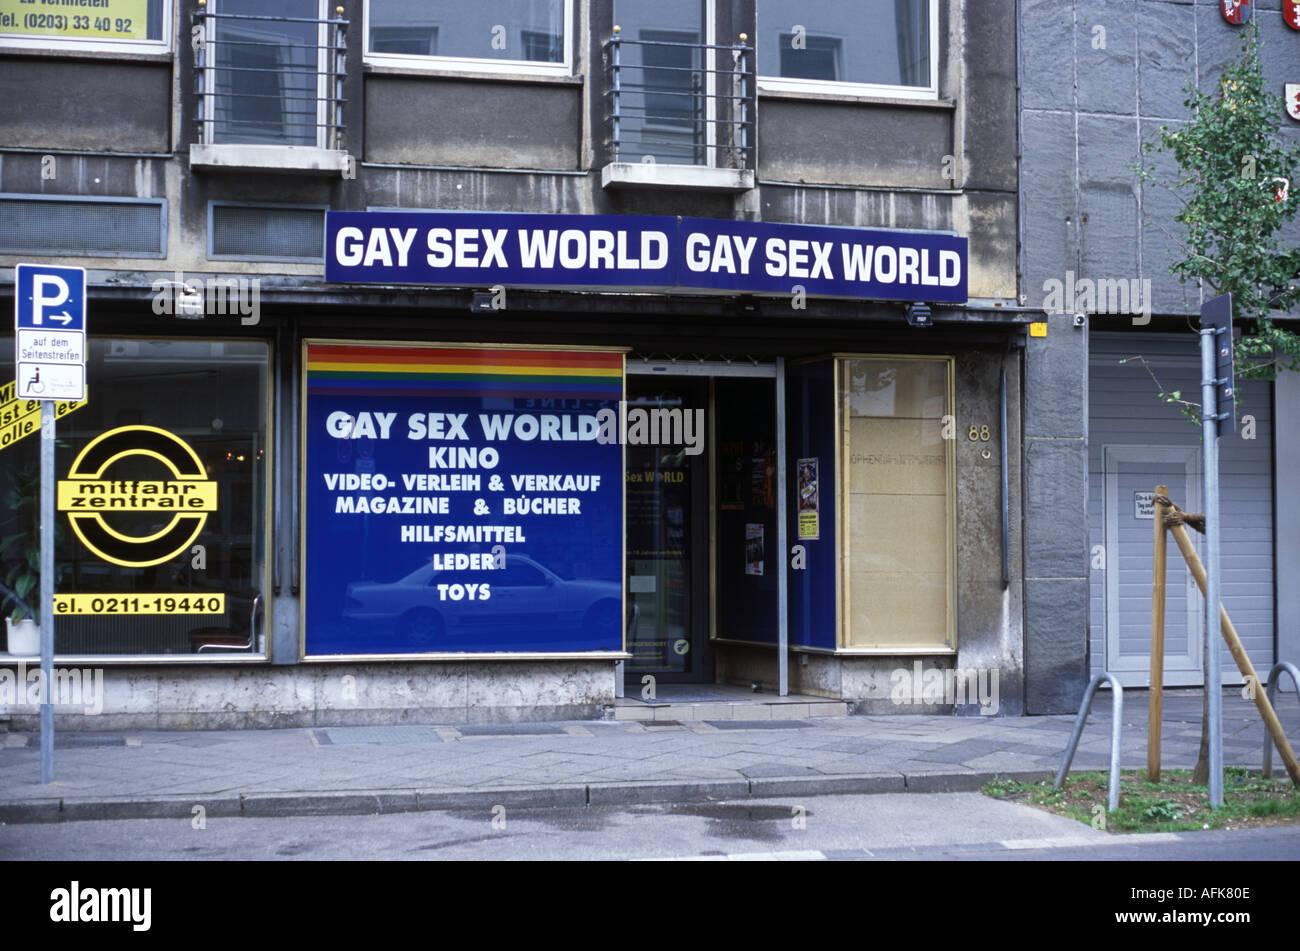 gay sex shop